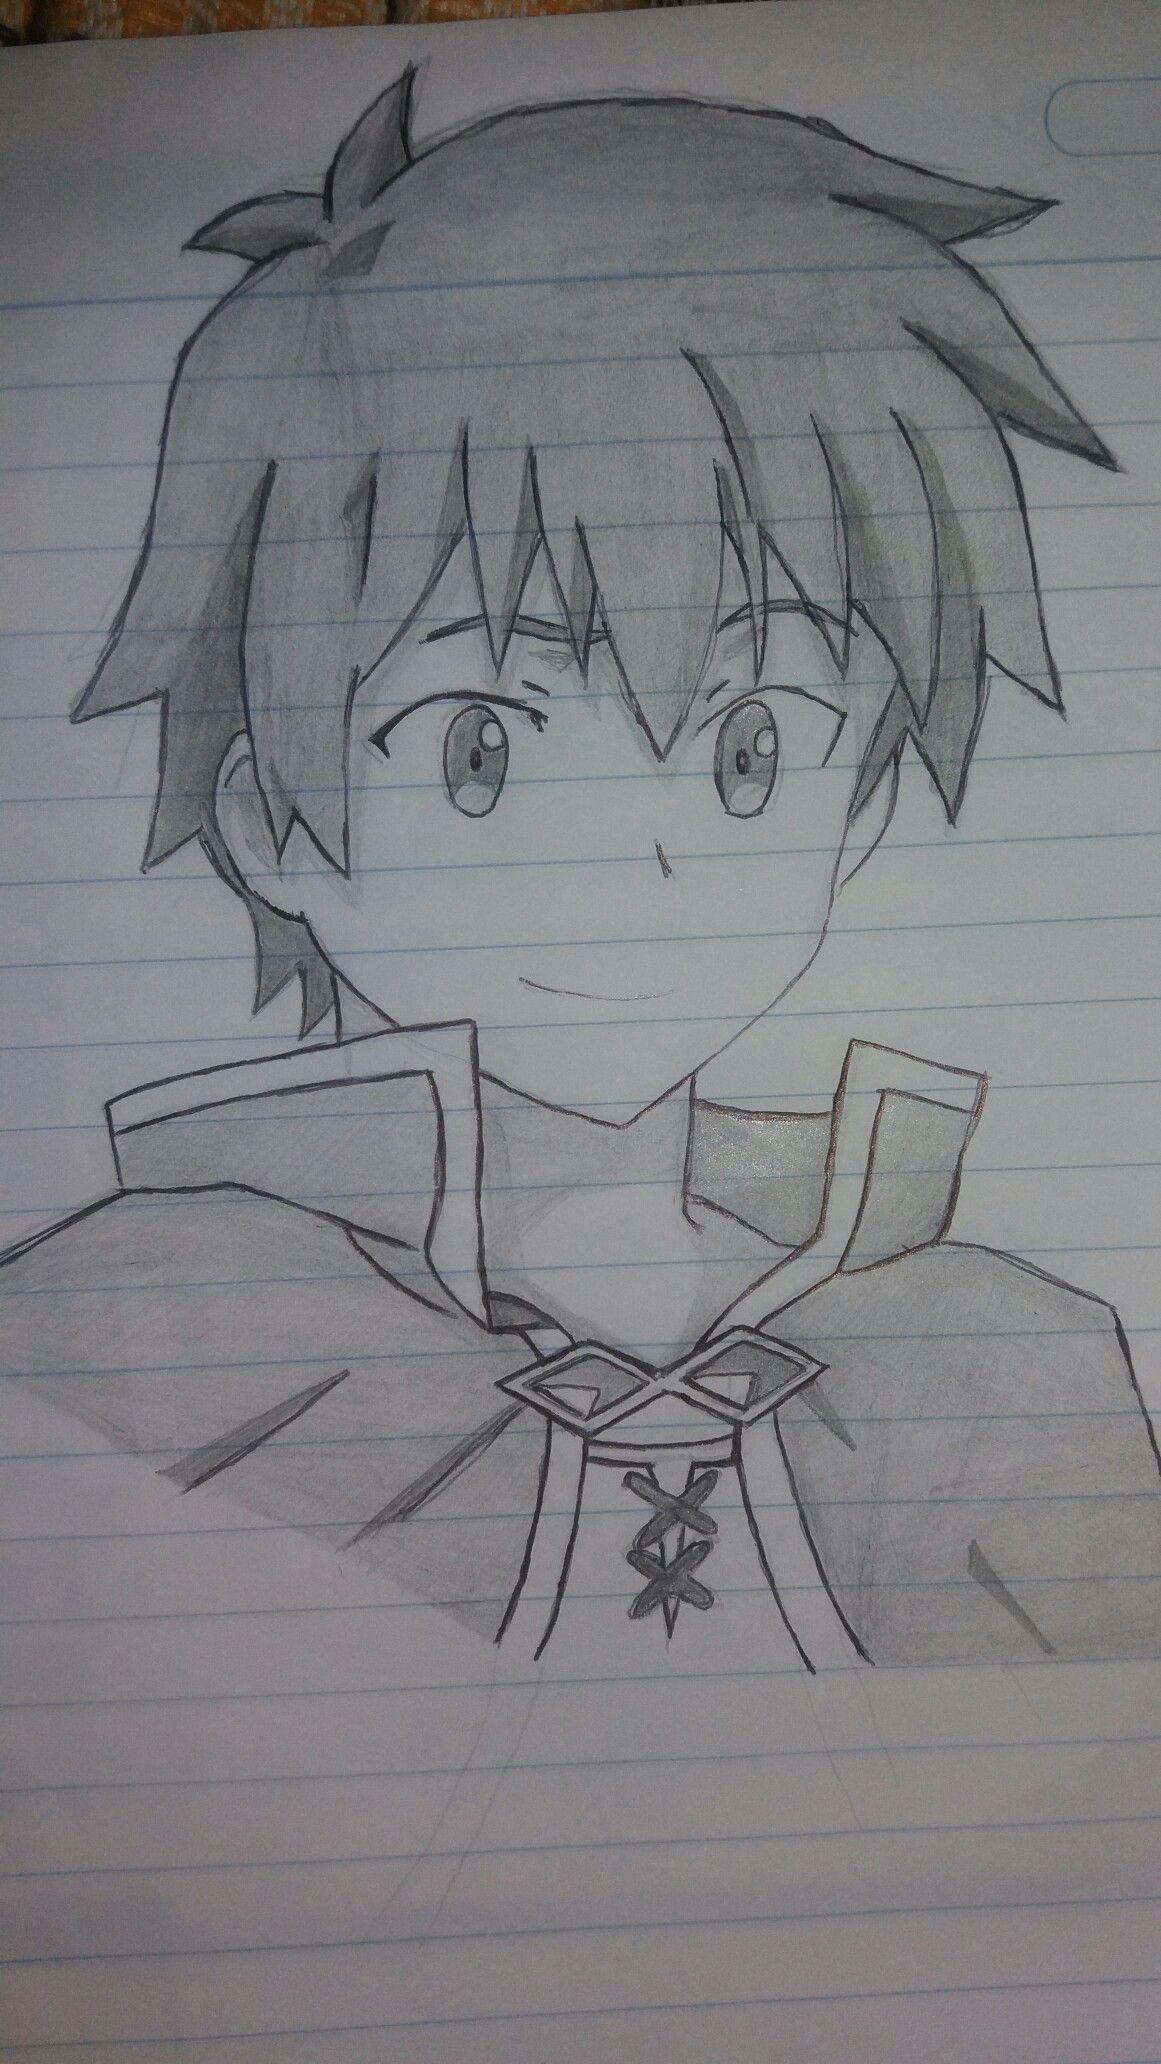 Kazuma Konosuba Em 2020 Desenhos De Anime Desenhos